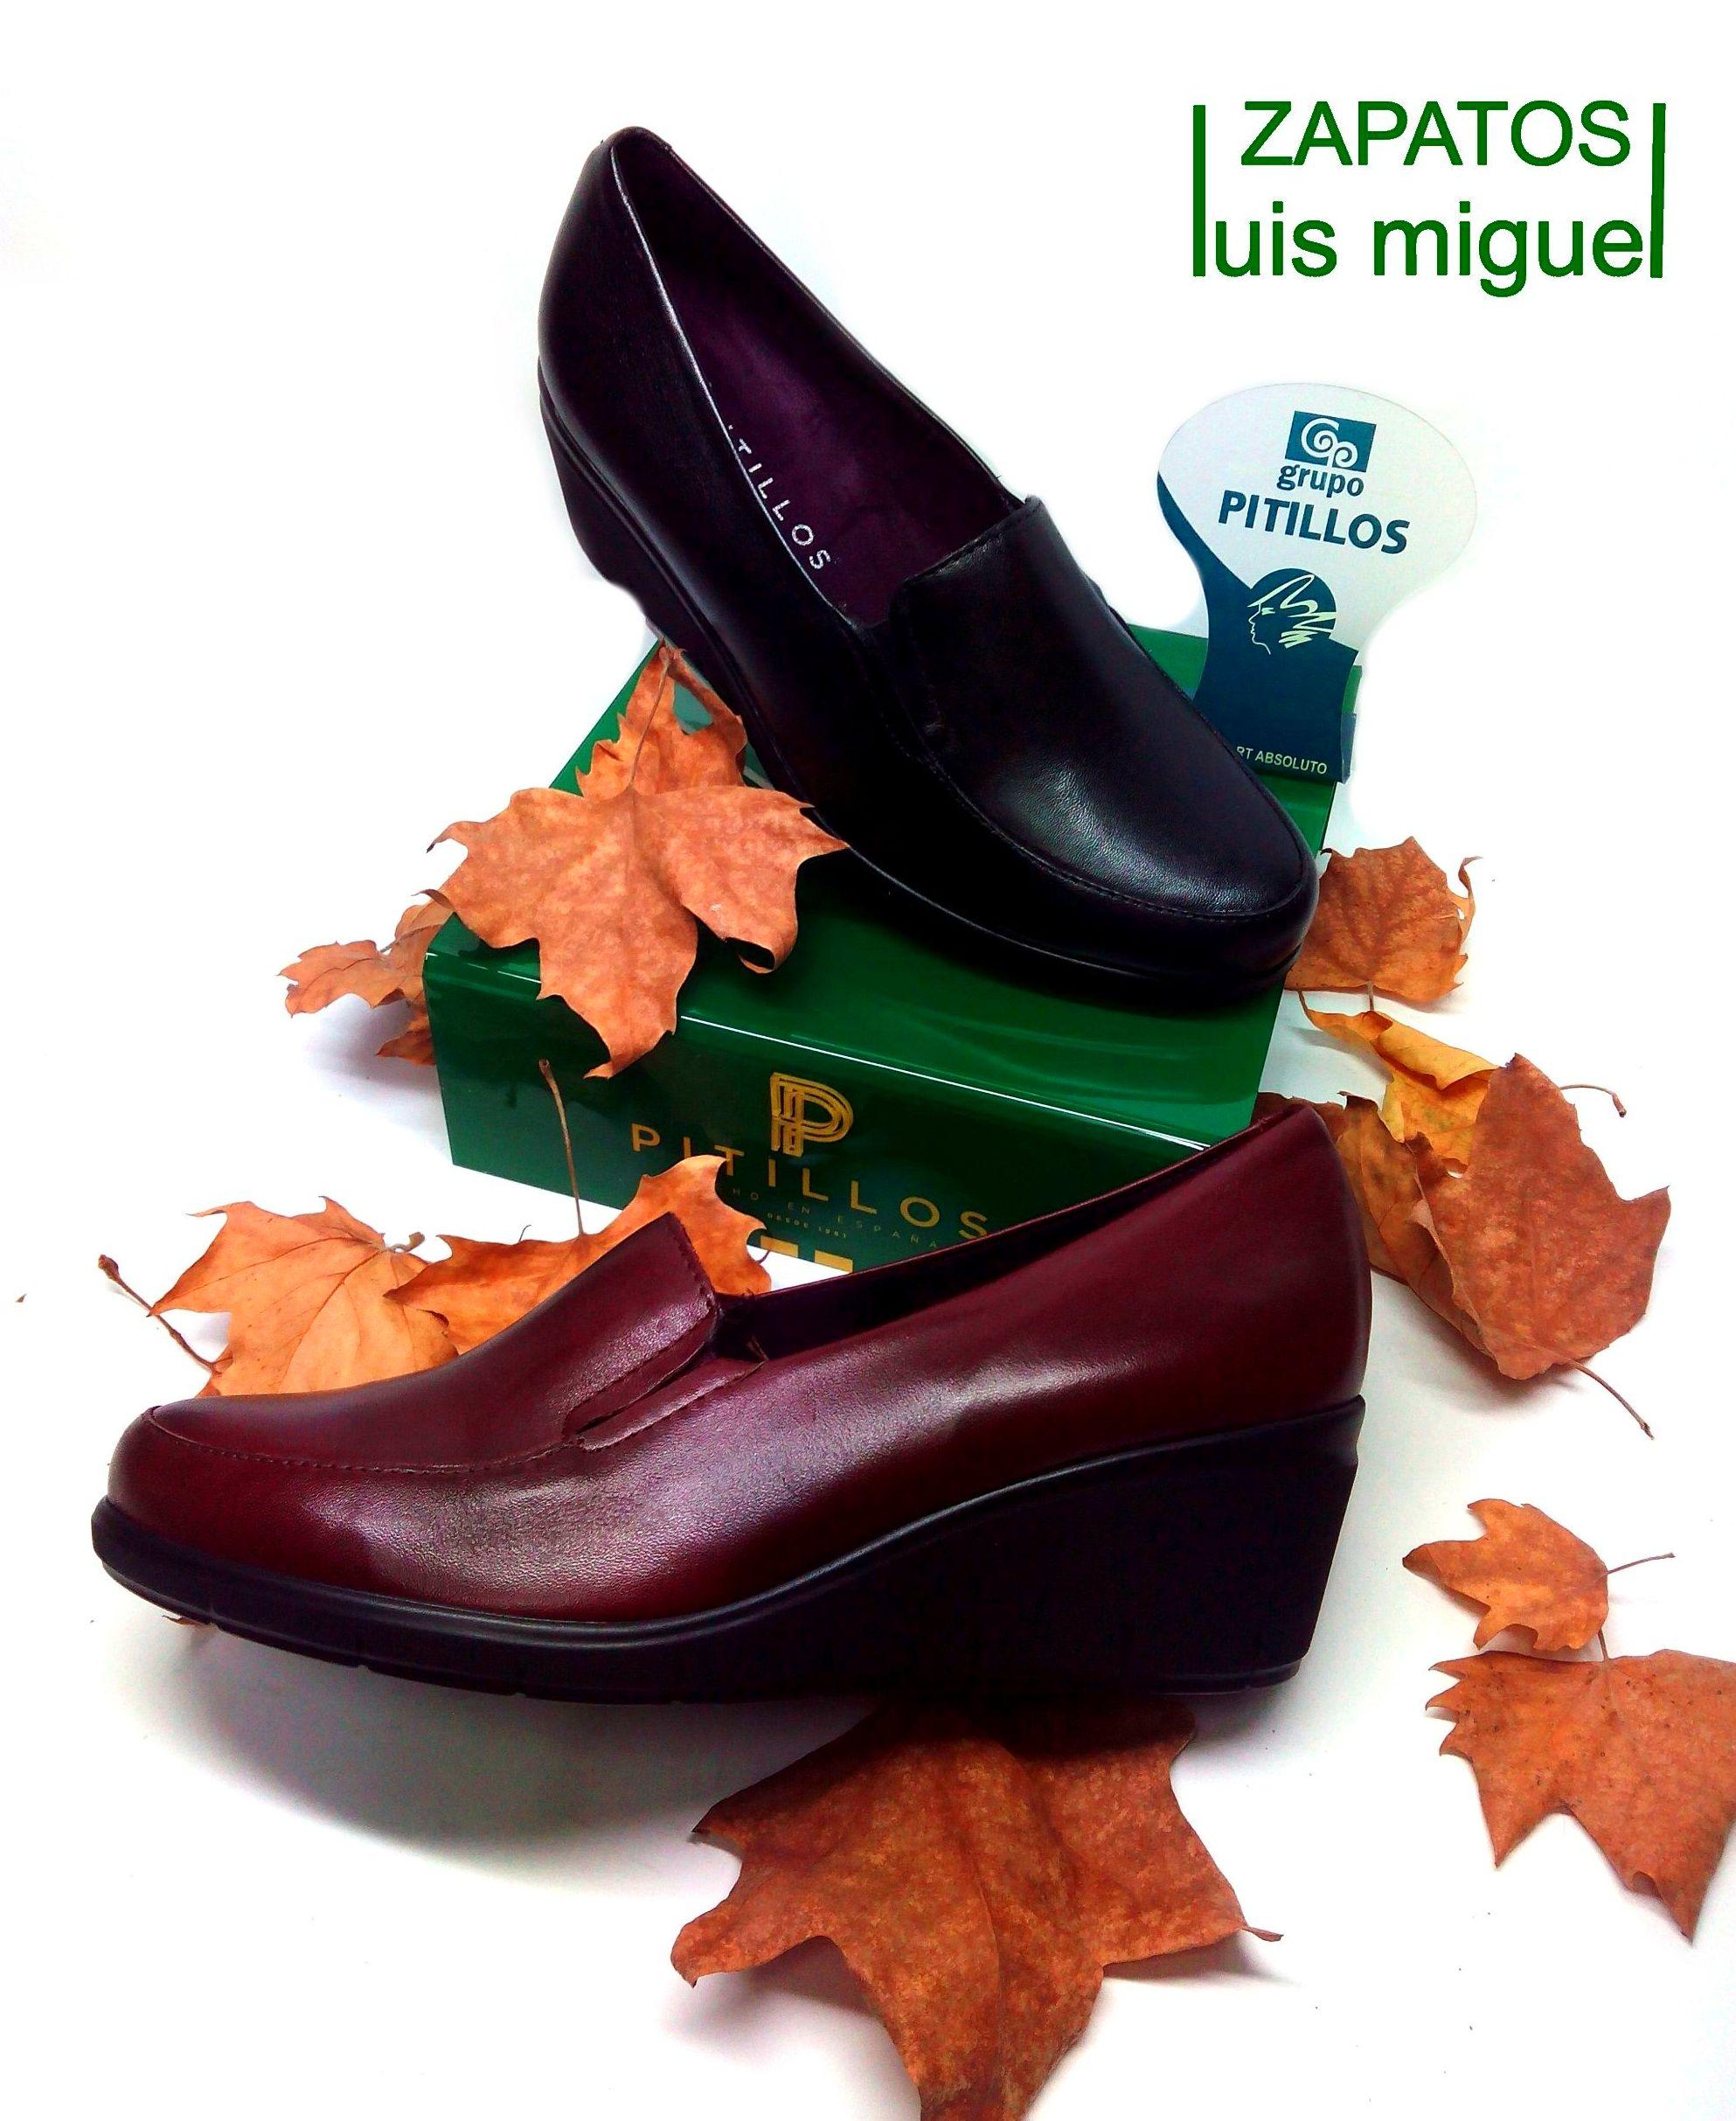 zapato tipo mocasin : Catalogo de productos de Zapatos Luis Miguel